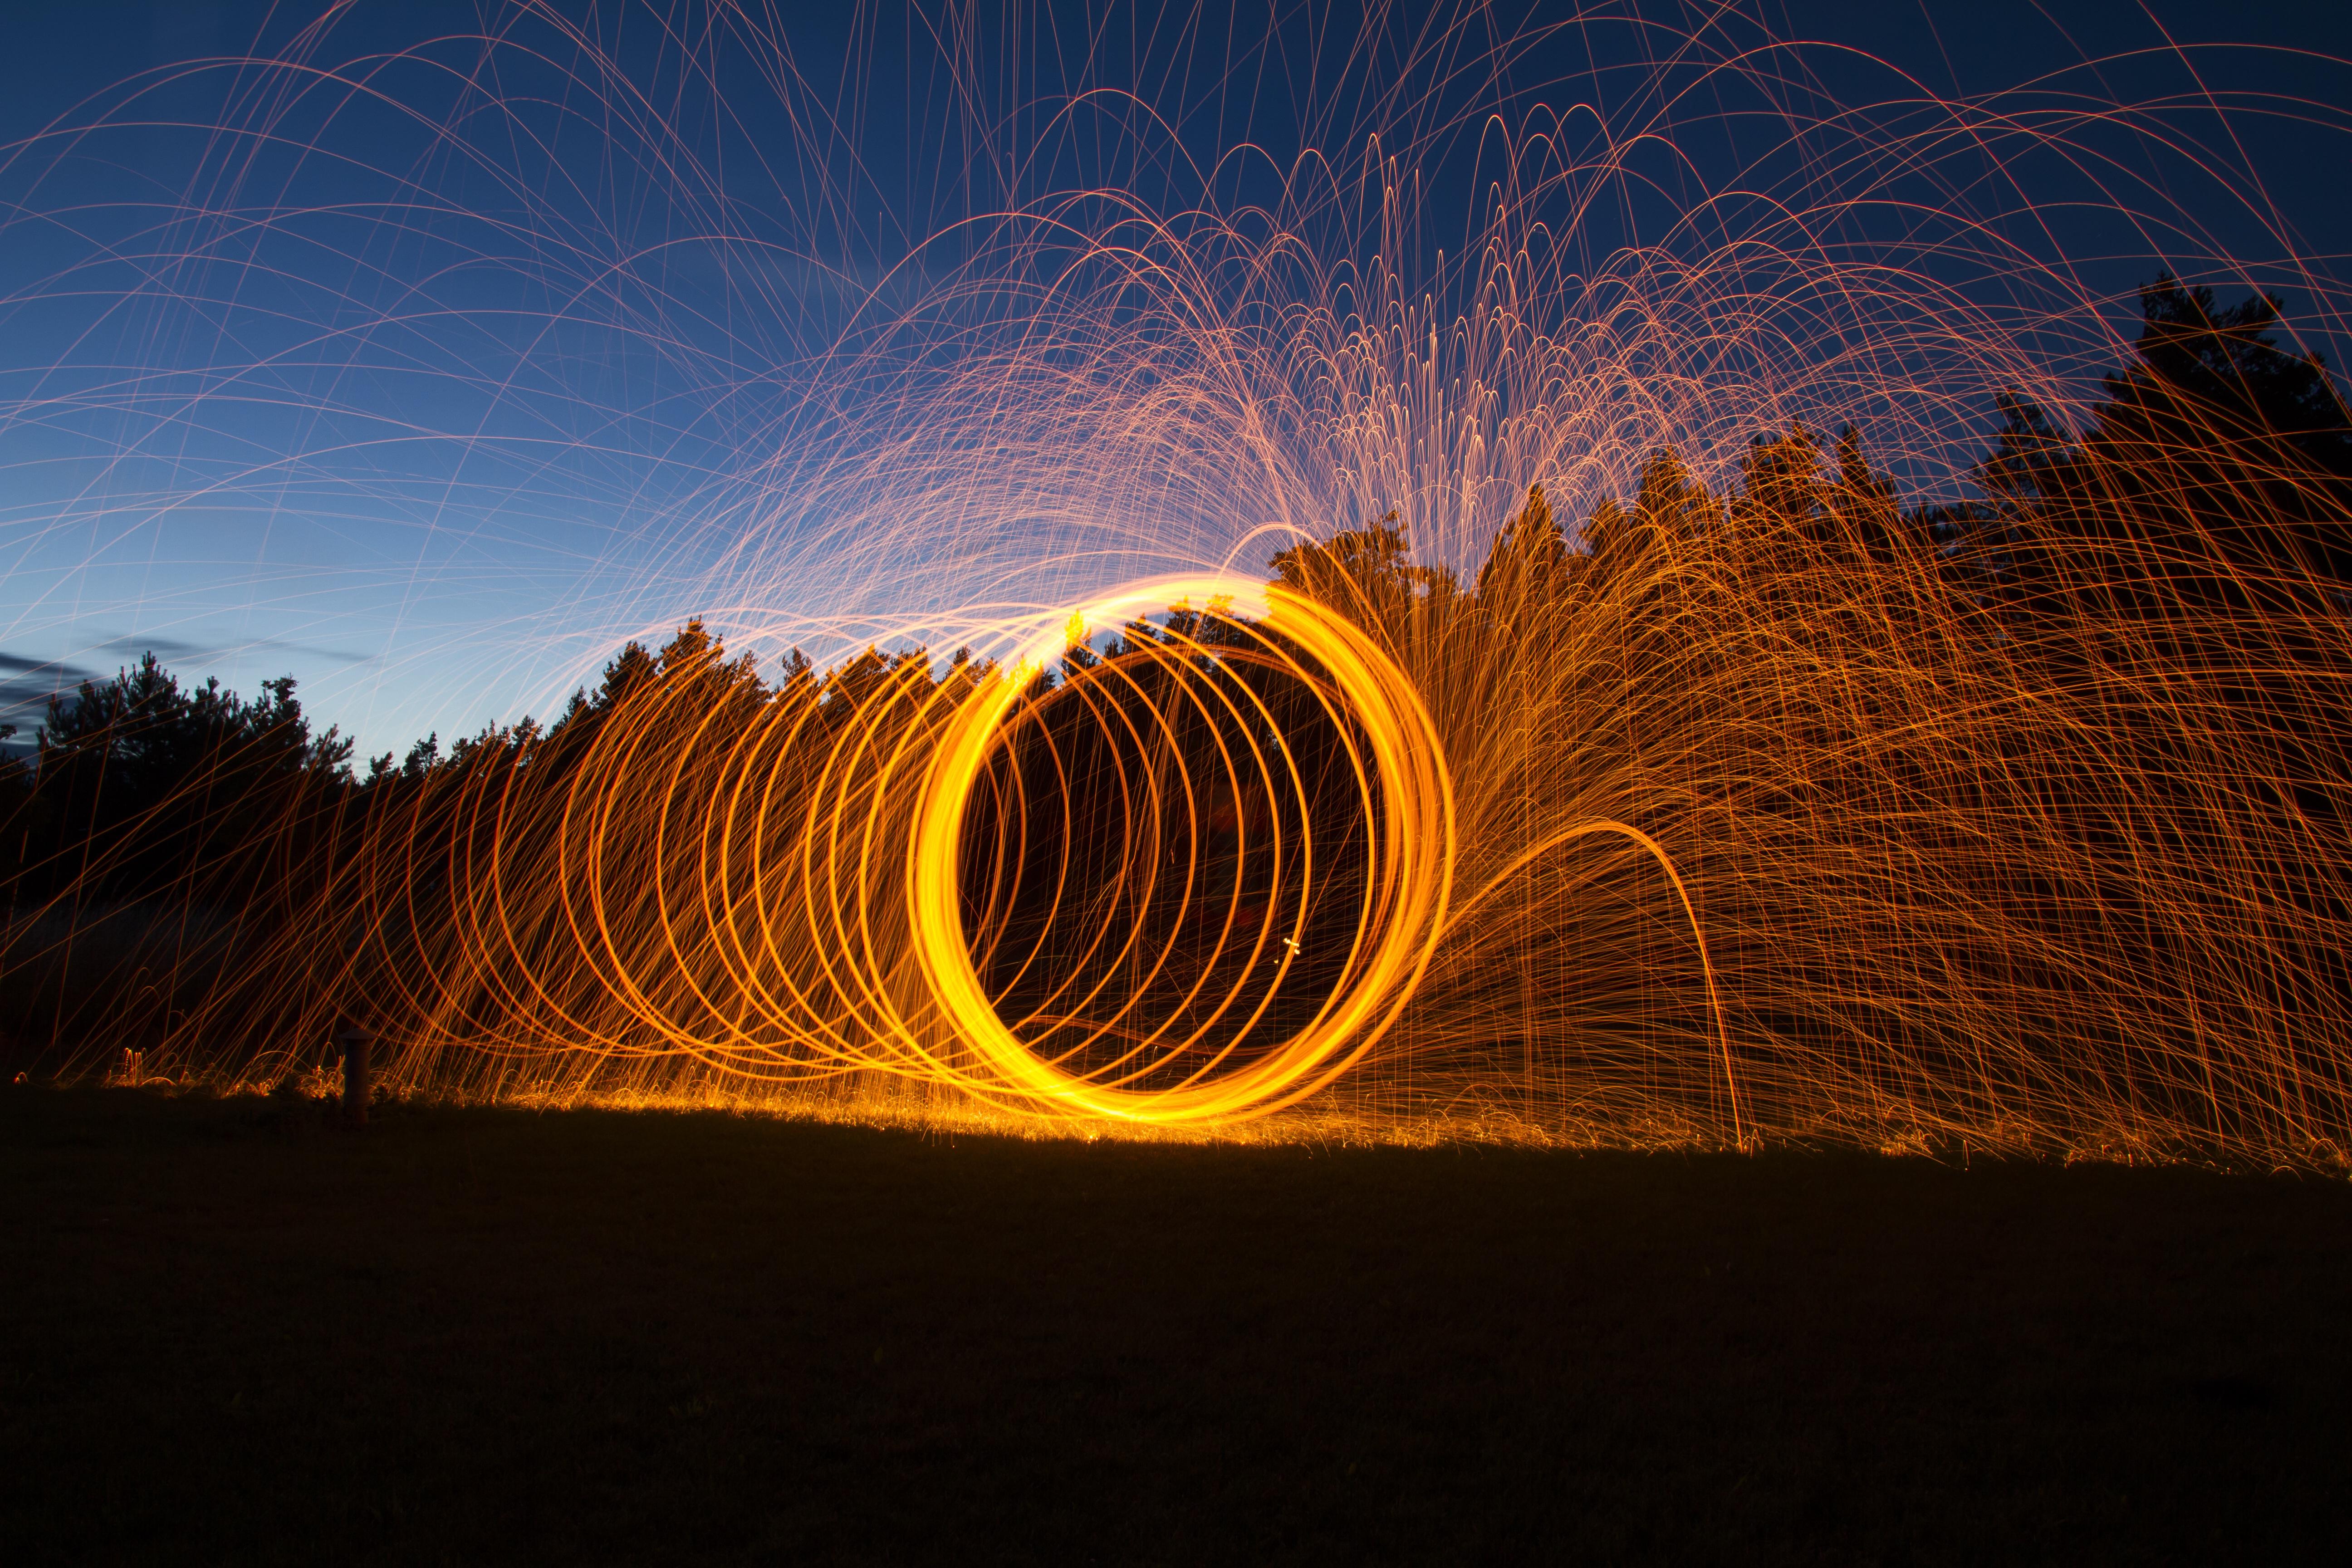 Fotoğraf Hafif Boyama Ateş Kıvılcımlar Alev ışık Hiçbir şey